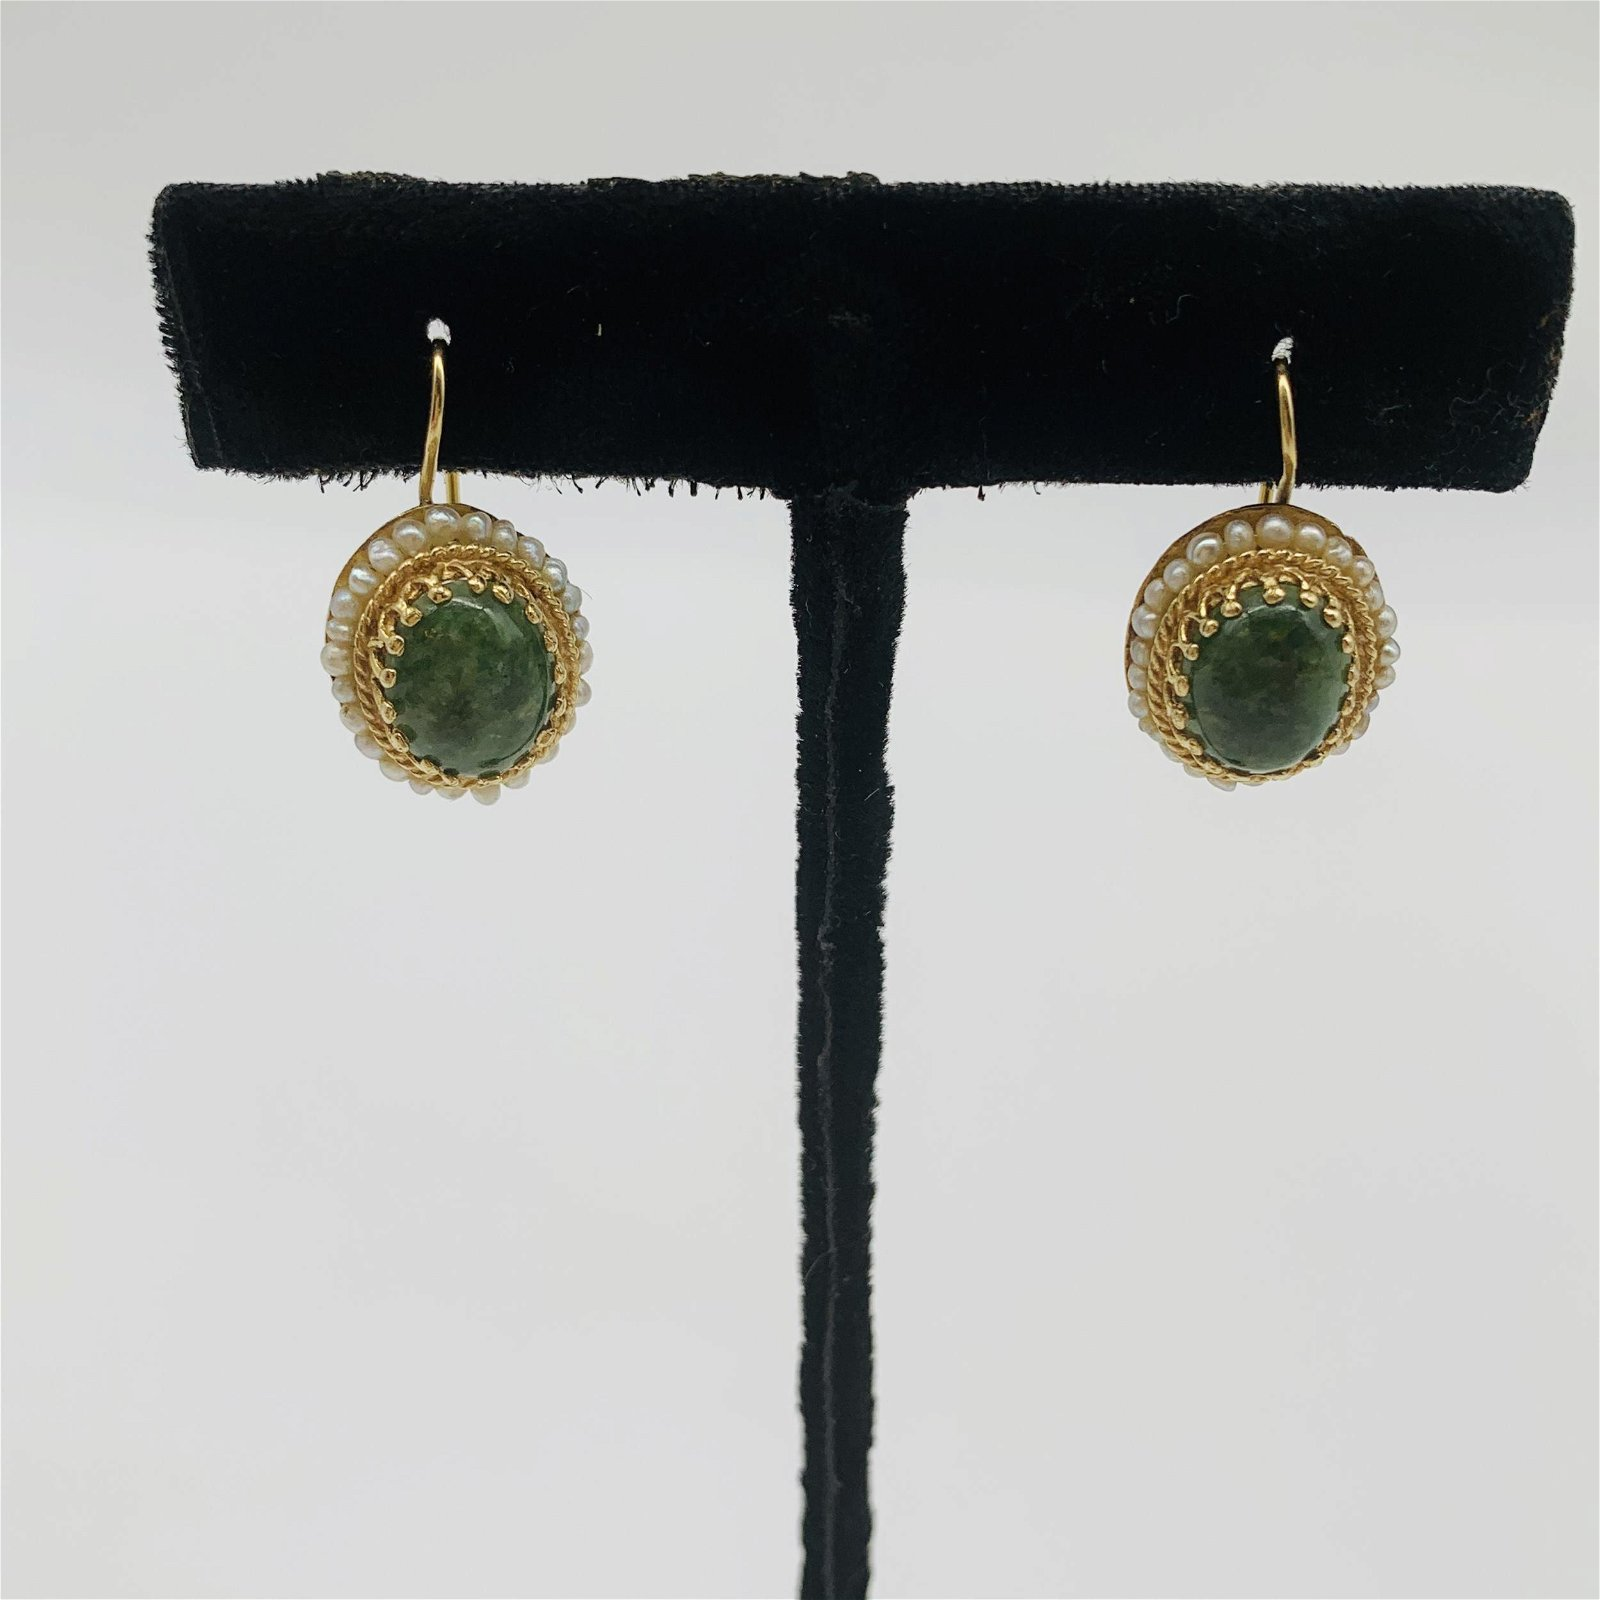 Vintage 14K Gold, Jade and Pearl Earrings